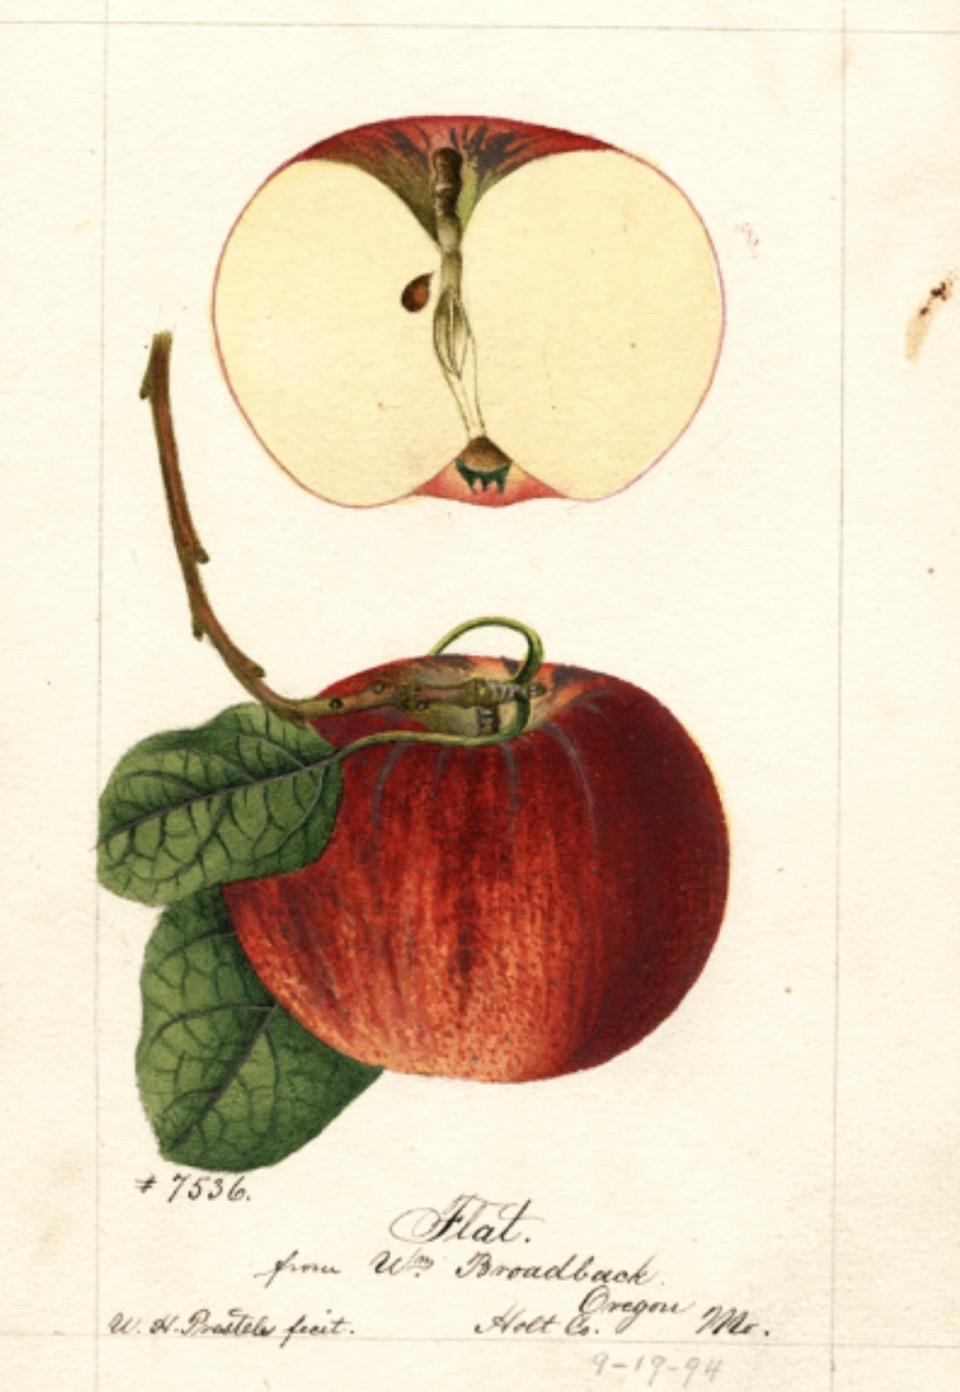 Historische Abbildung eines roten Apfels am Stiel mit Blättern und eines aufgeschnittenen Apfels; USDA